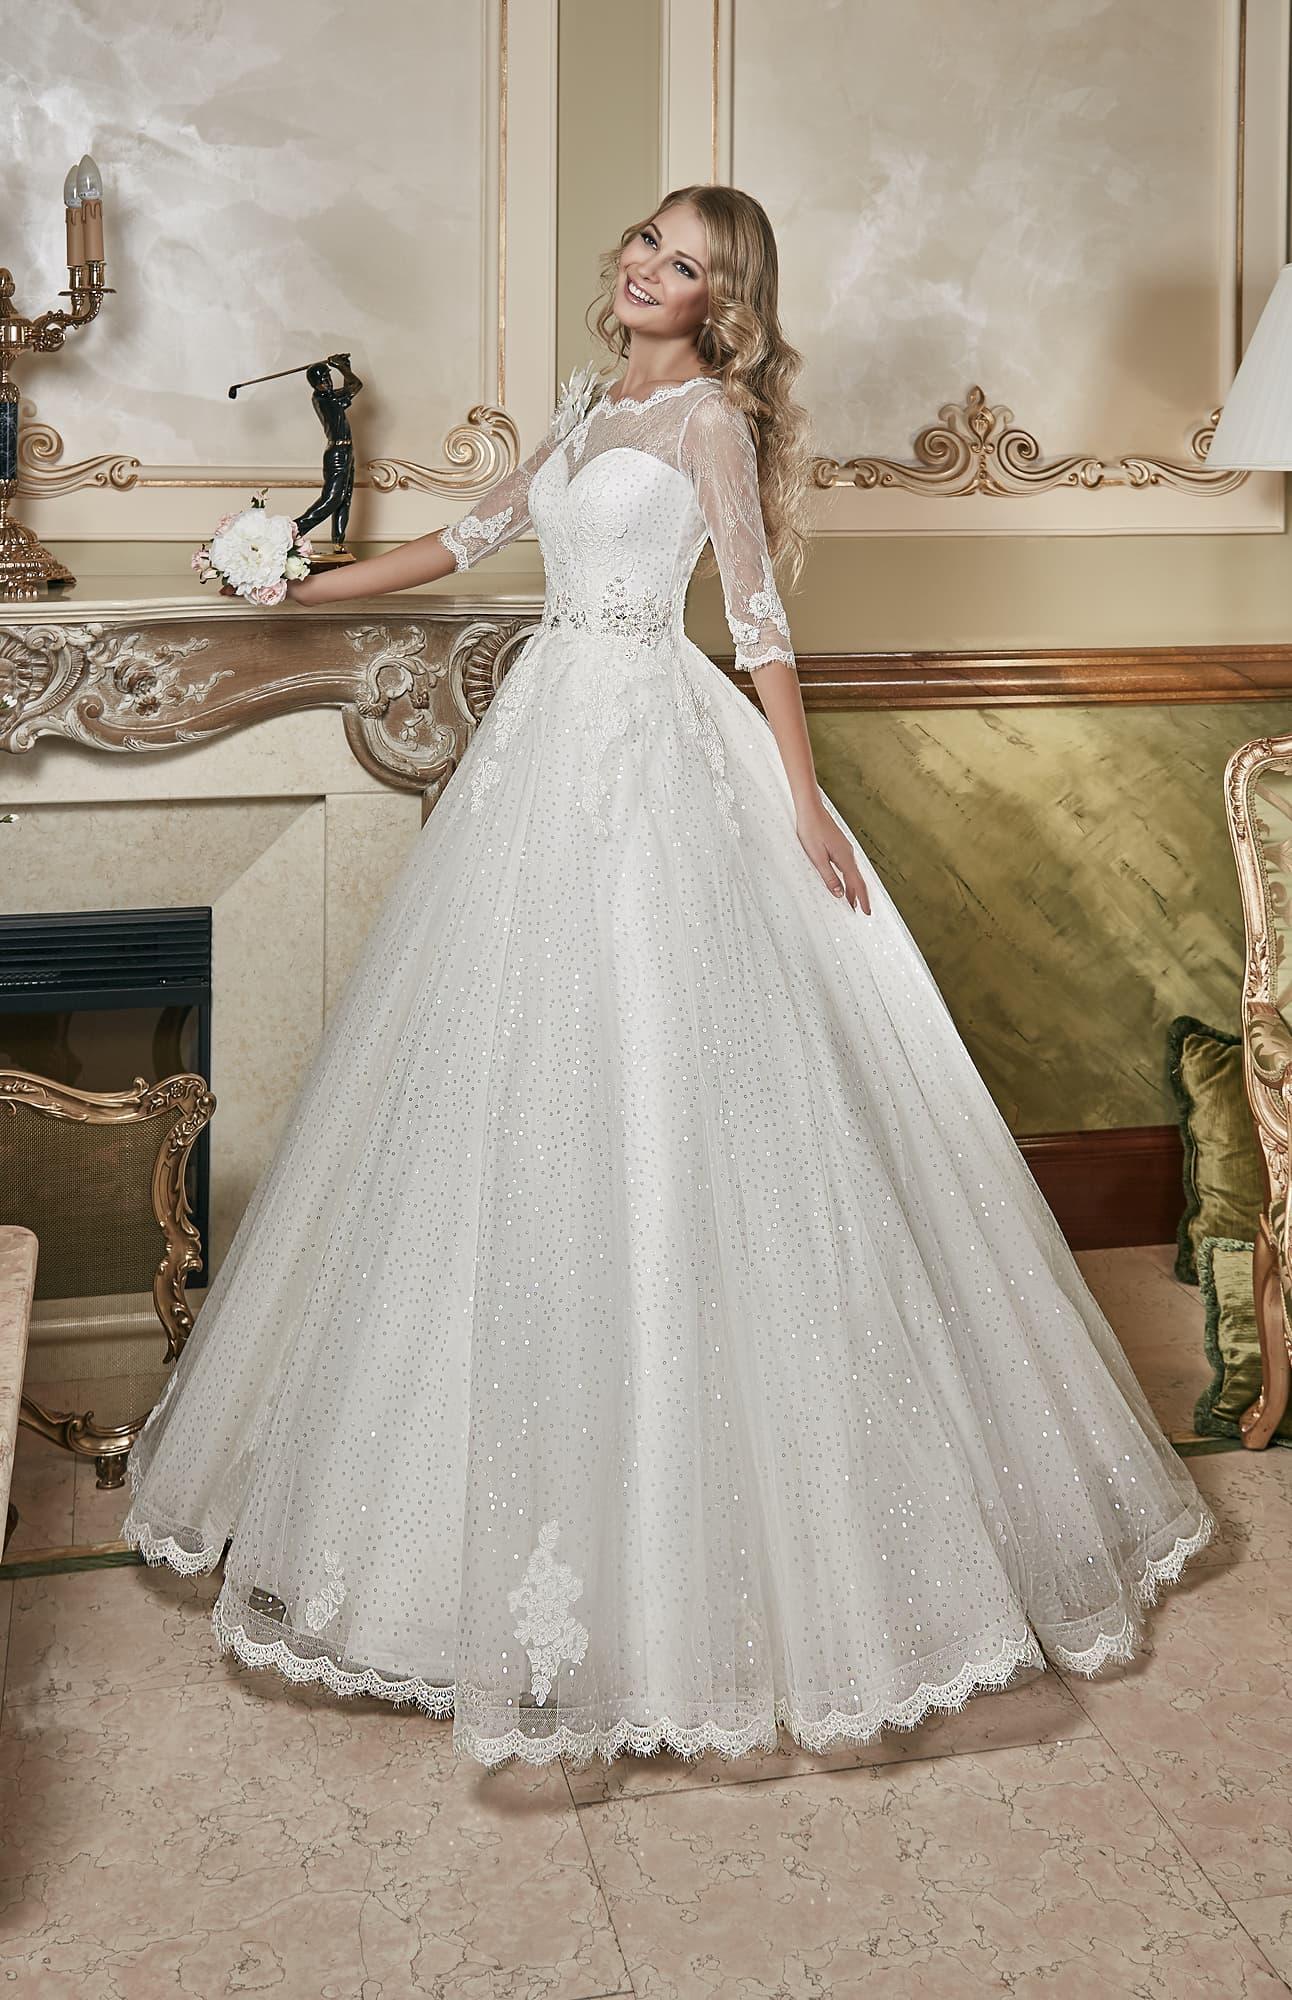 Свадебный салон Ева (Тюмень) | Свадебные платья от 15000 руб